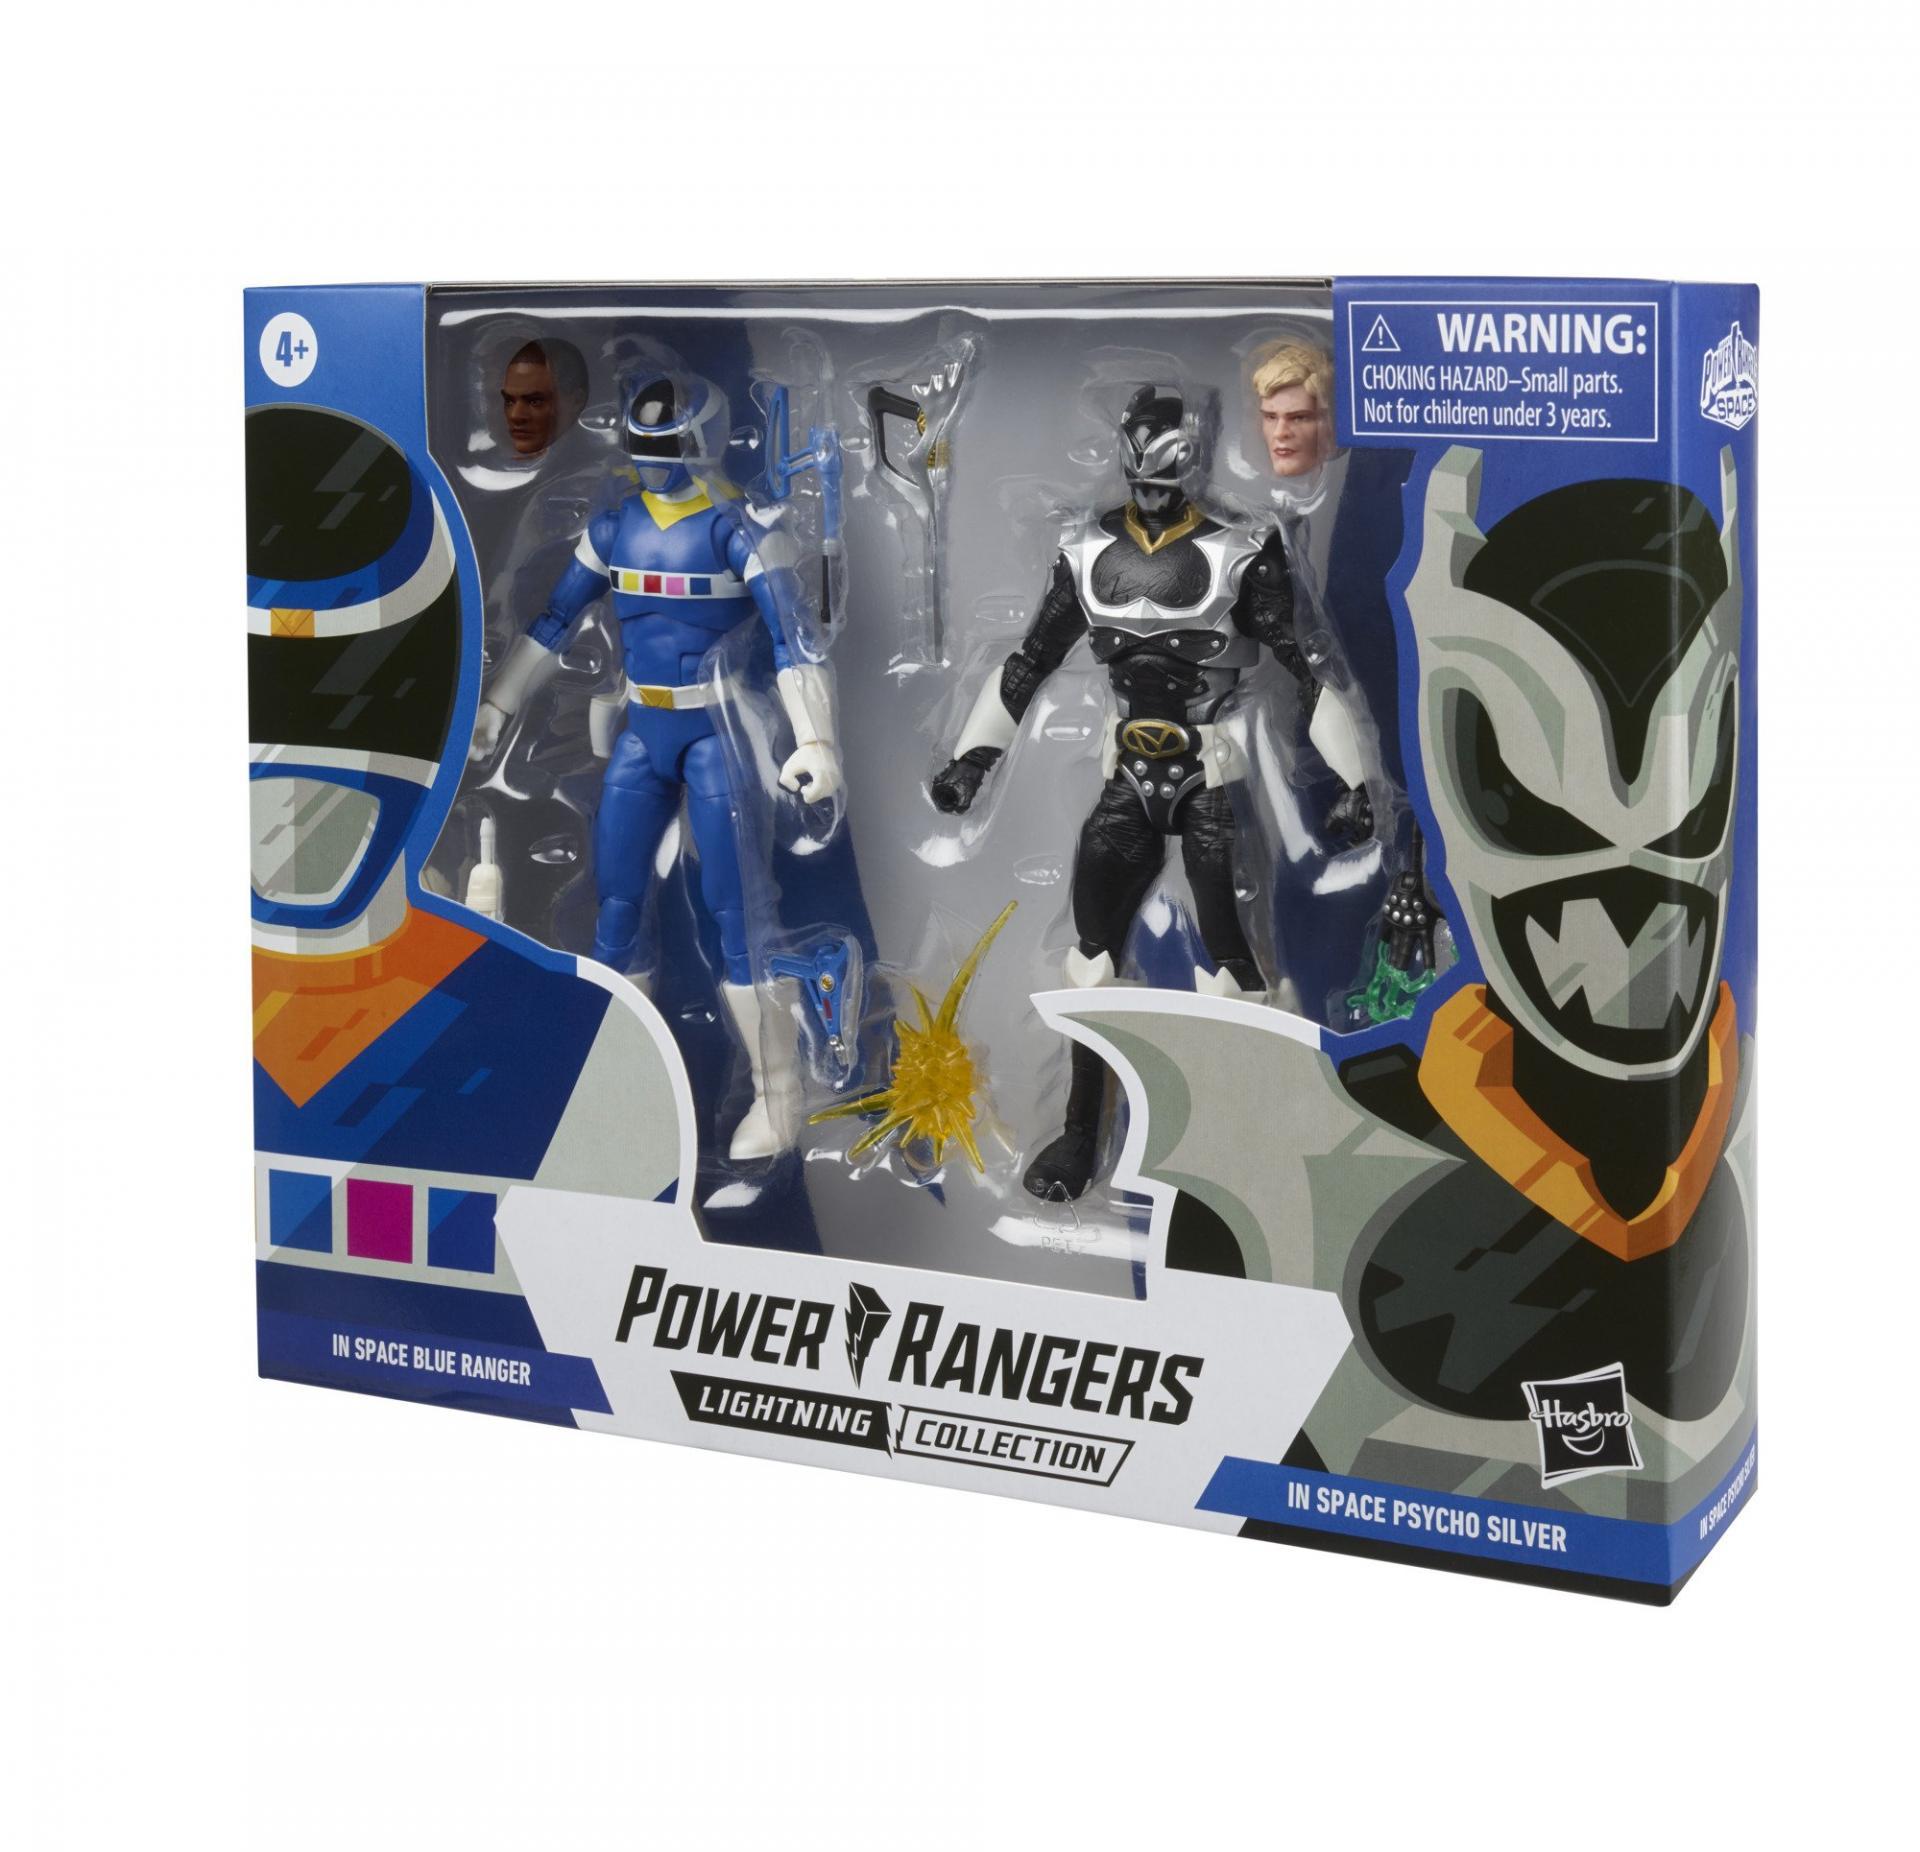 Power rangers lightning collection blue ranger vs silver psycho ranger 15cm1